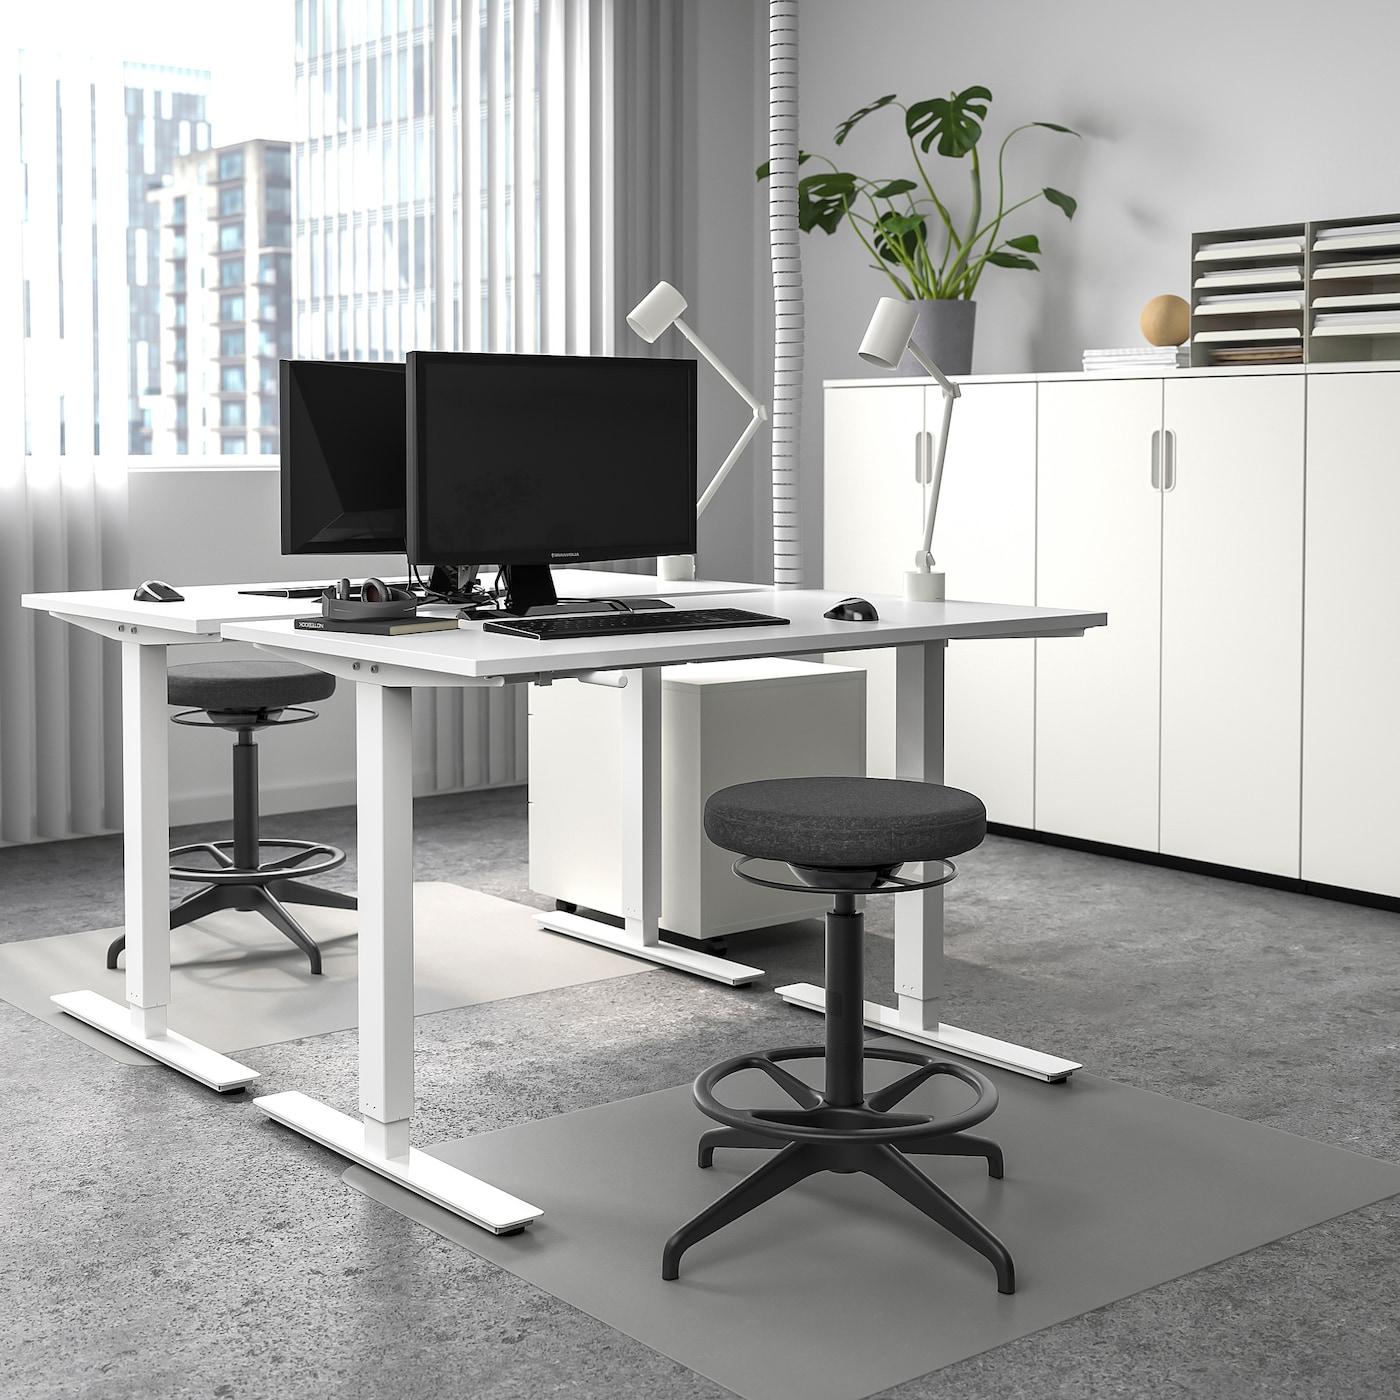 SKARSTA Desk sit/stand, white, 120x70 cm - IKEA